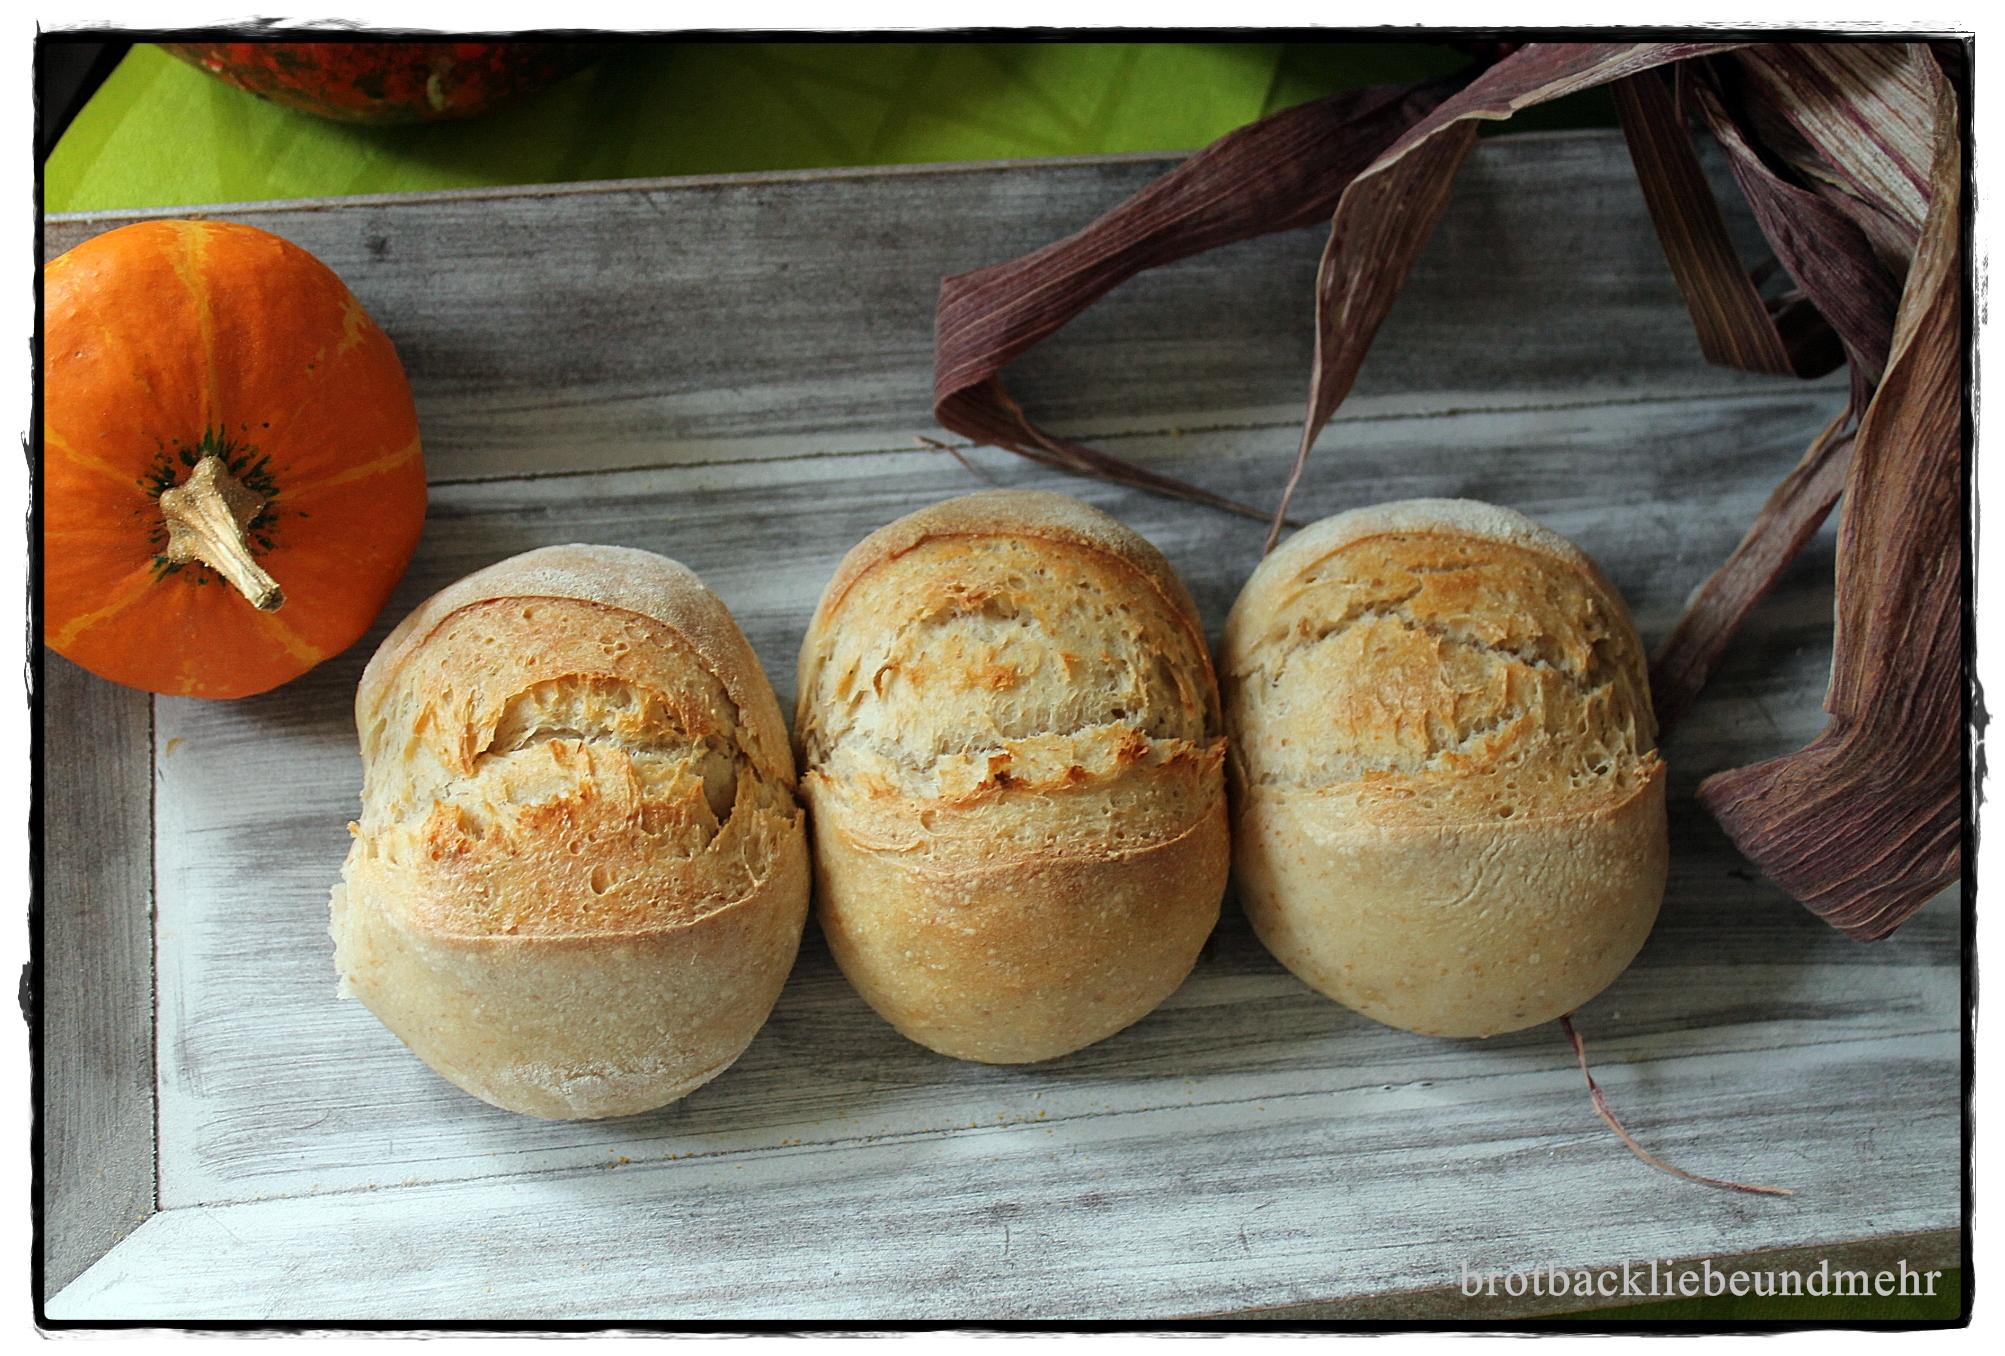 Amerikanischer Kühlschrank Quark : Italienische kartoffel quark brötchen brotbackliebe undmehr